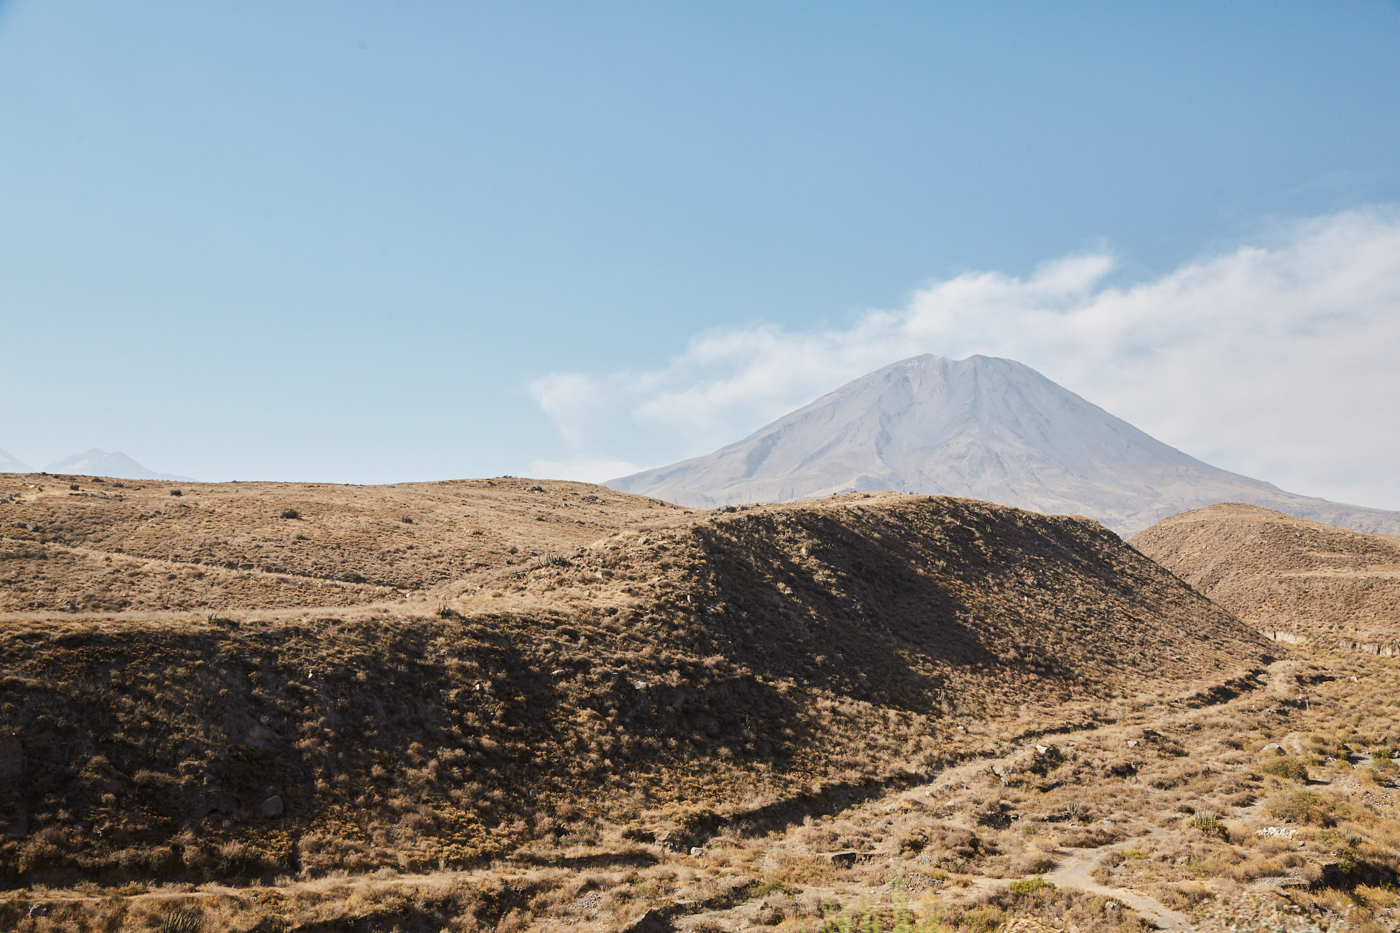 Der El Misti Vulkan zieht in der Ferne an uns vorbei, als wir in Serpentinen Richung Arequipa fuhren